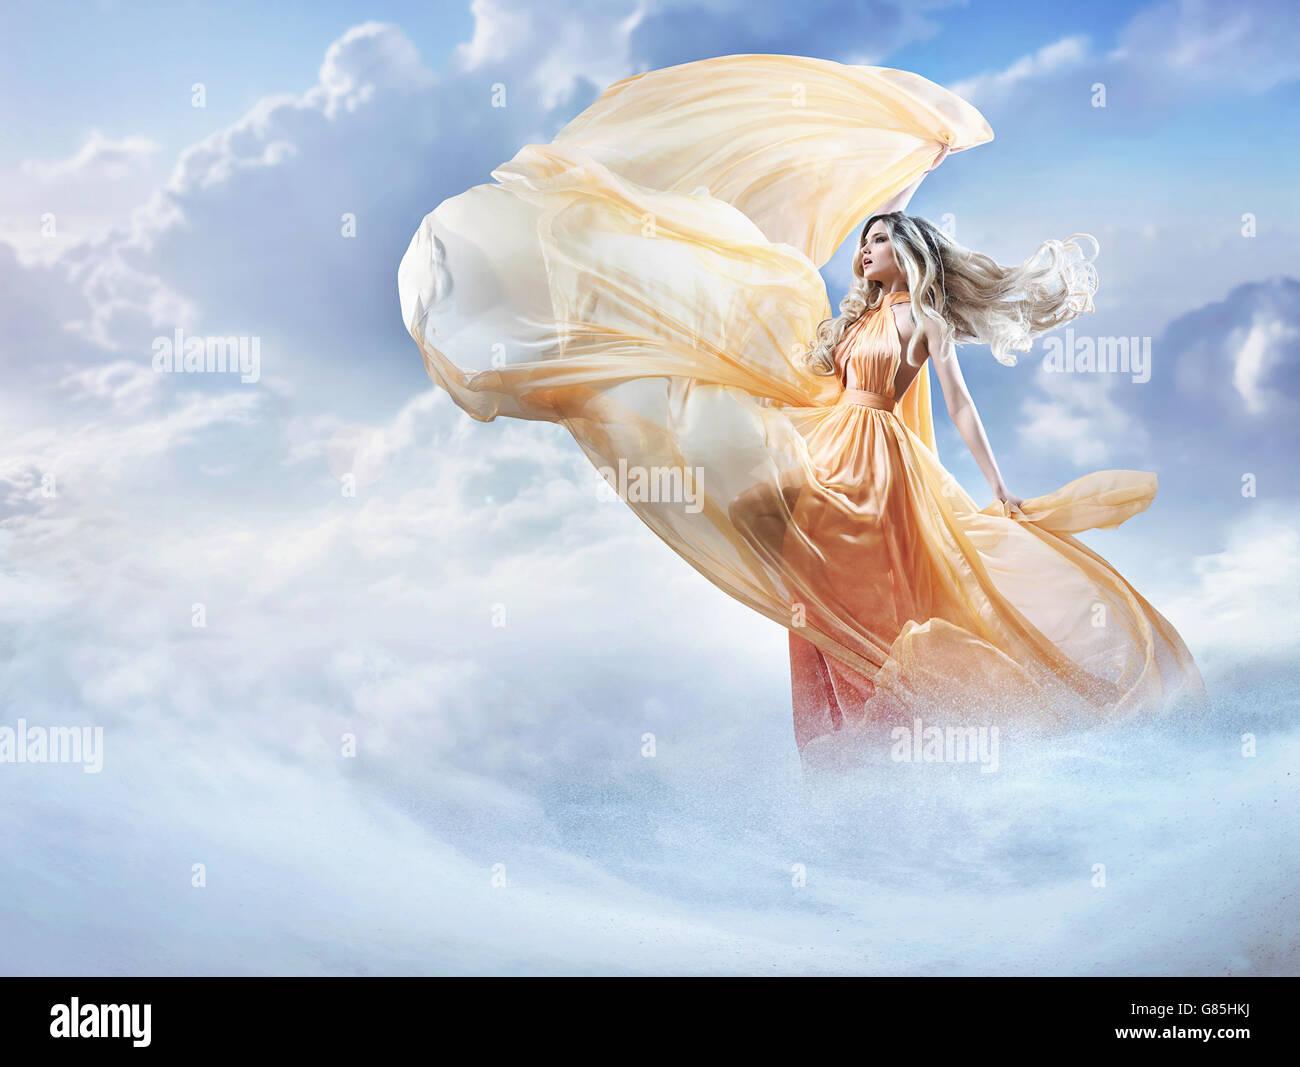 Verträumte Bild einer schönen jungen Frau in den Wolken Stockbild